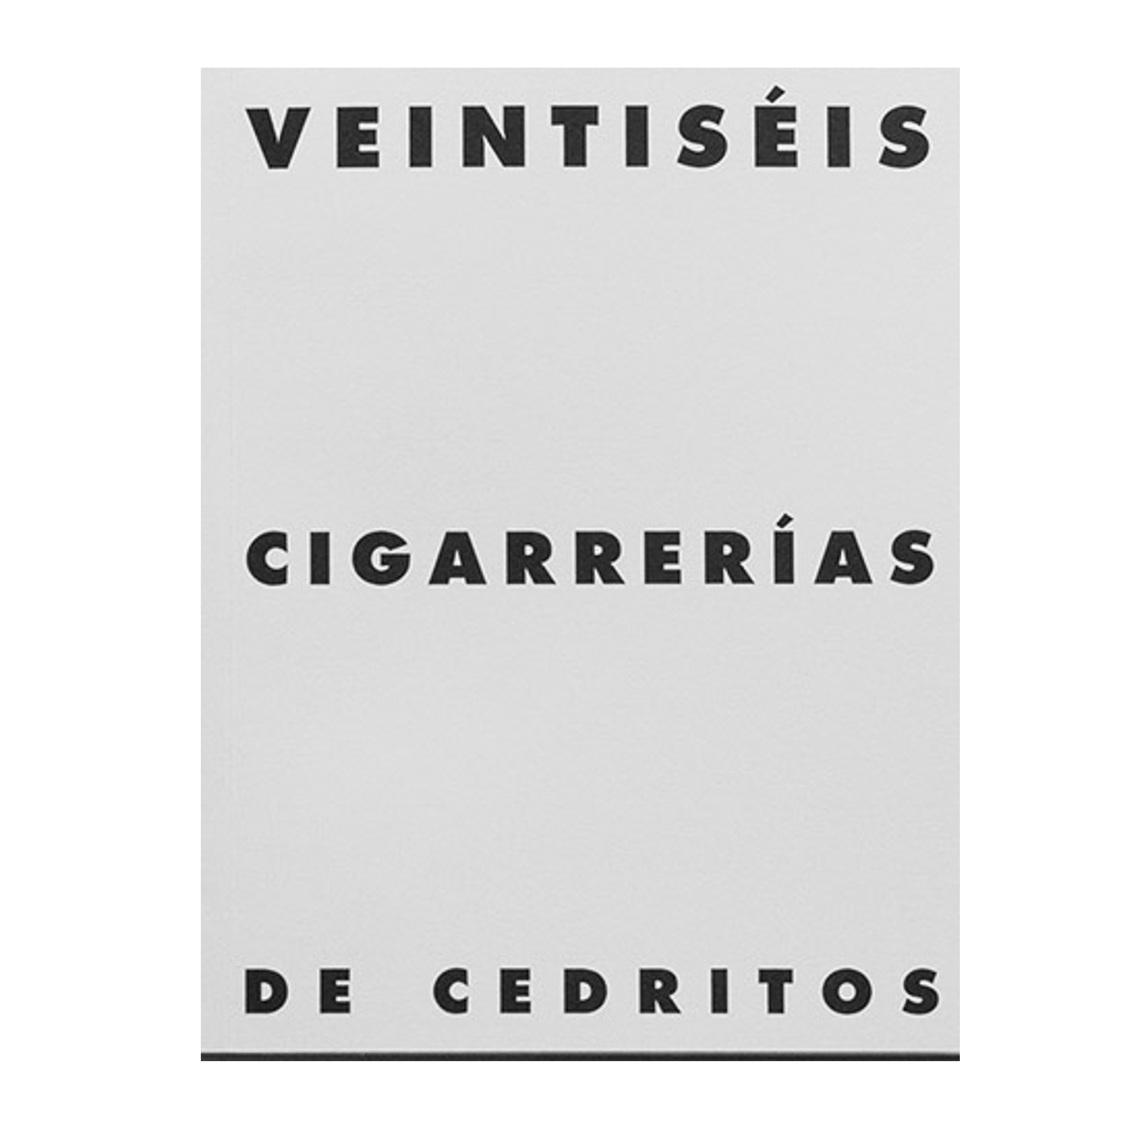 26+cigarrerias+de+cedritos+portada+web-01.jpg